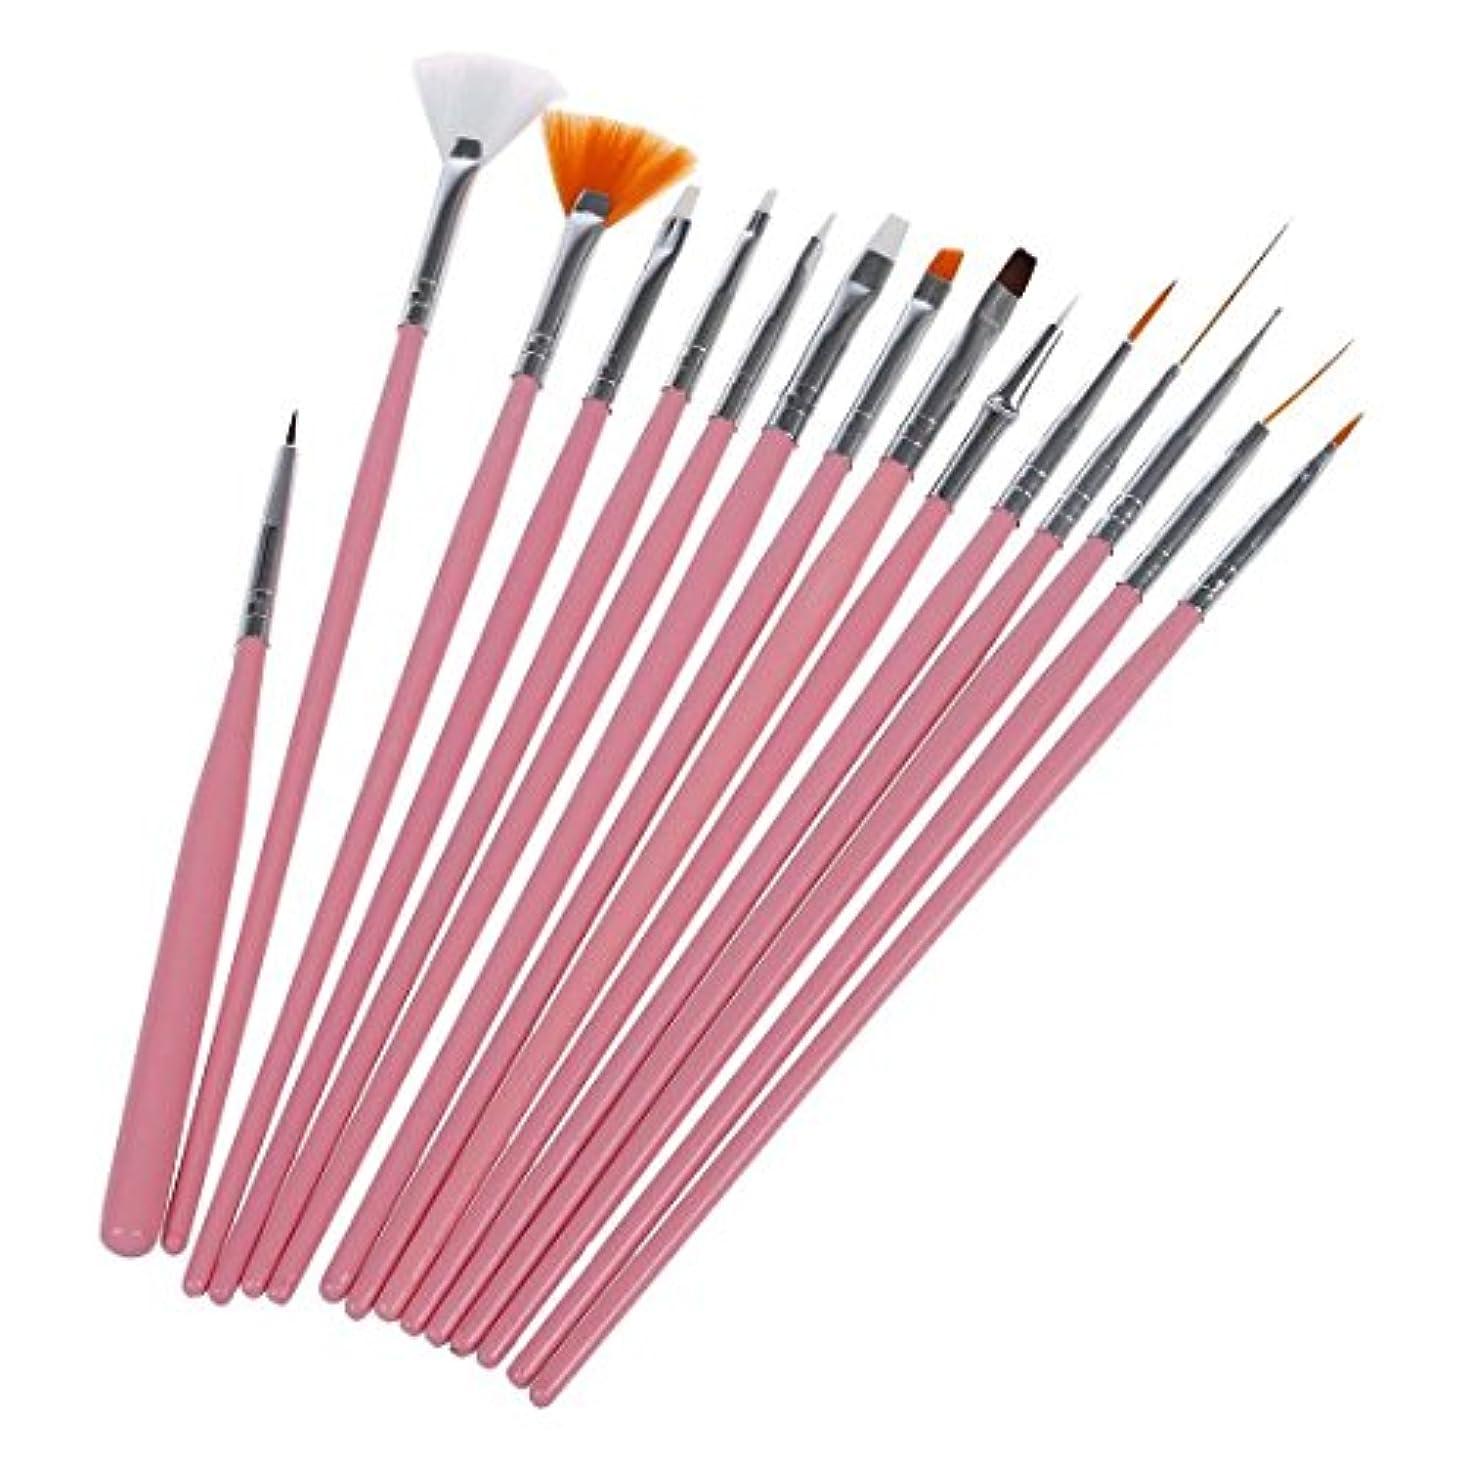 きらきら美容師告白するSODIAL(R) 15Xネイルアートアクリル UVジェル 設計ブラシセット ペインティングペン チップツールキット ピンク